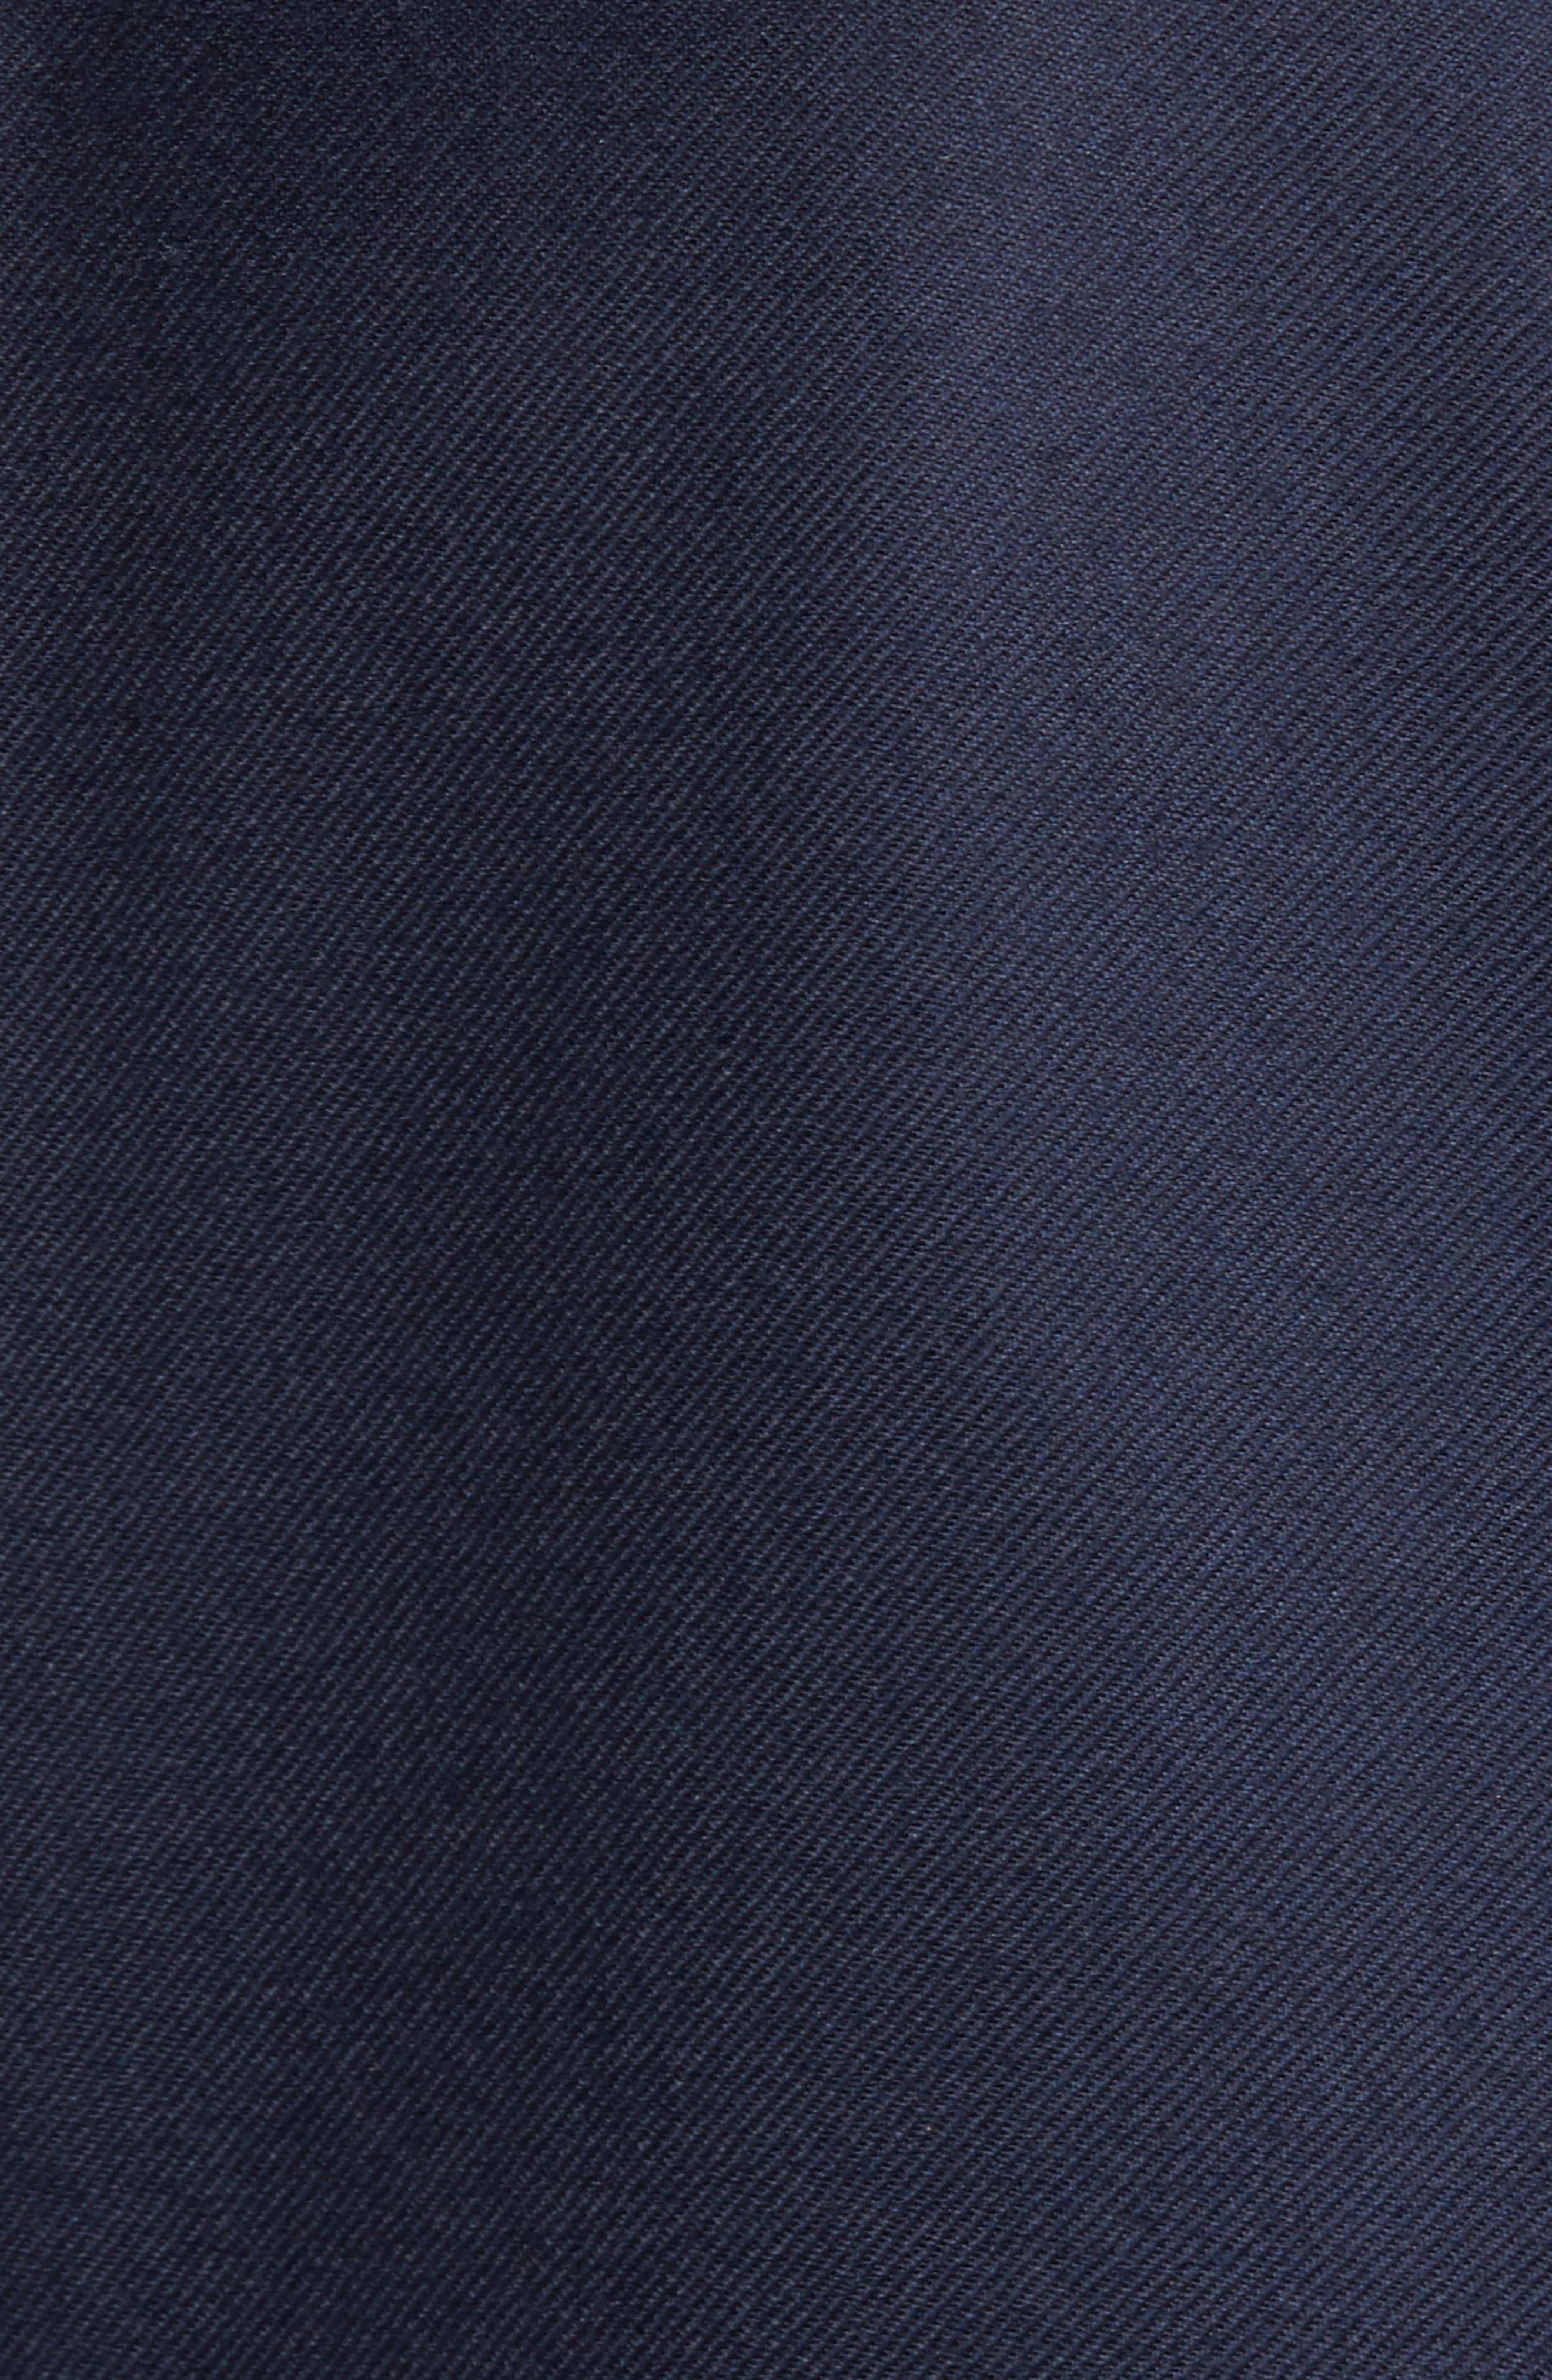 Classic Fit Cashmere Blazer,                             Alternate thumbnail 18, color,